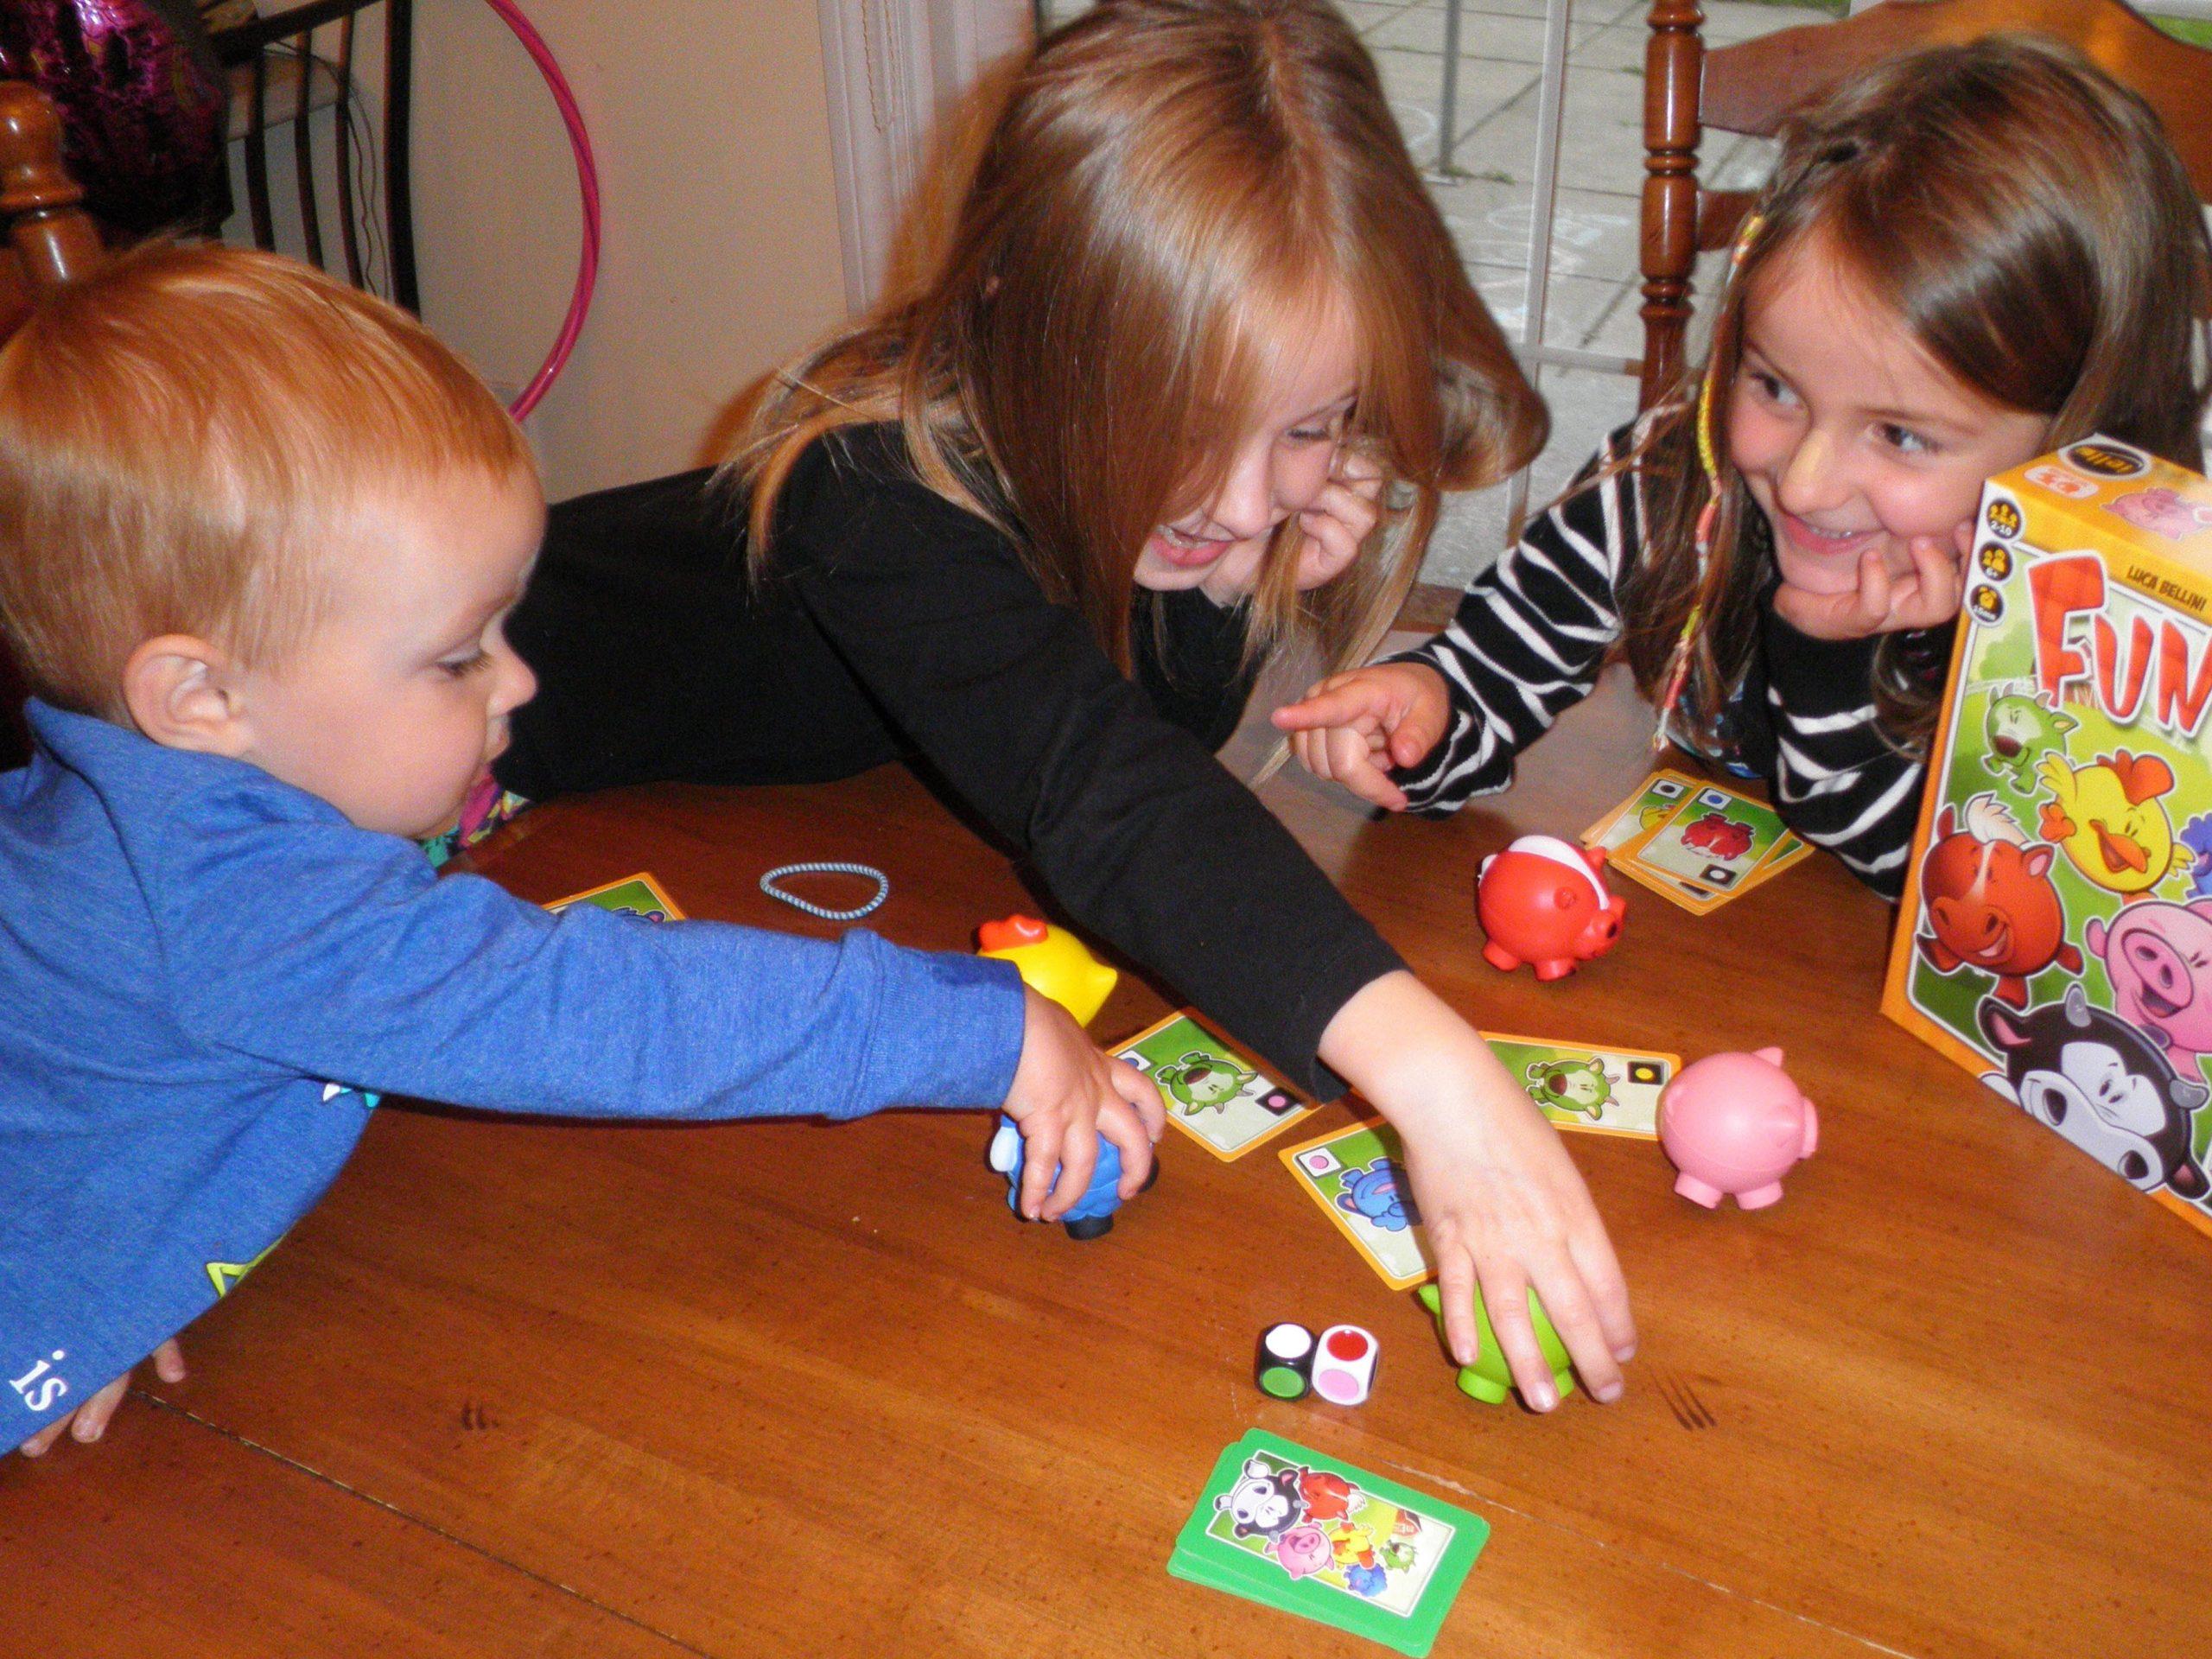 Les Jeux De Société intérieur Jeux Gratuit Pour Fille De 6 Ans